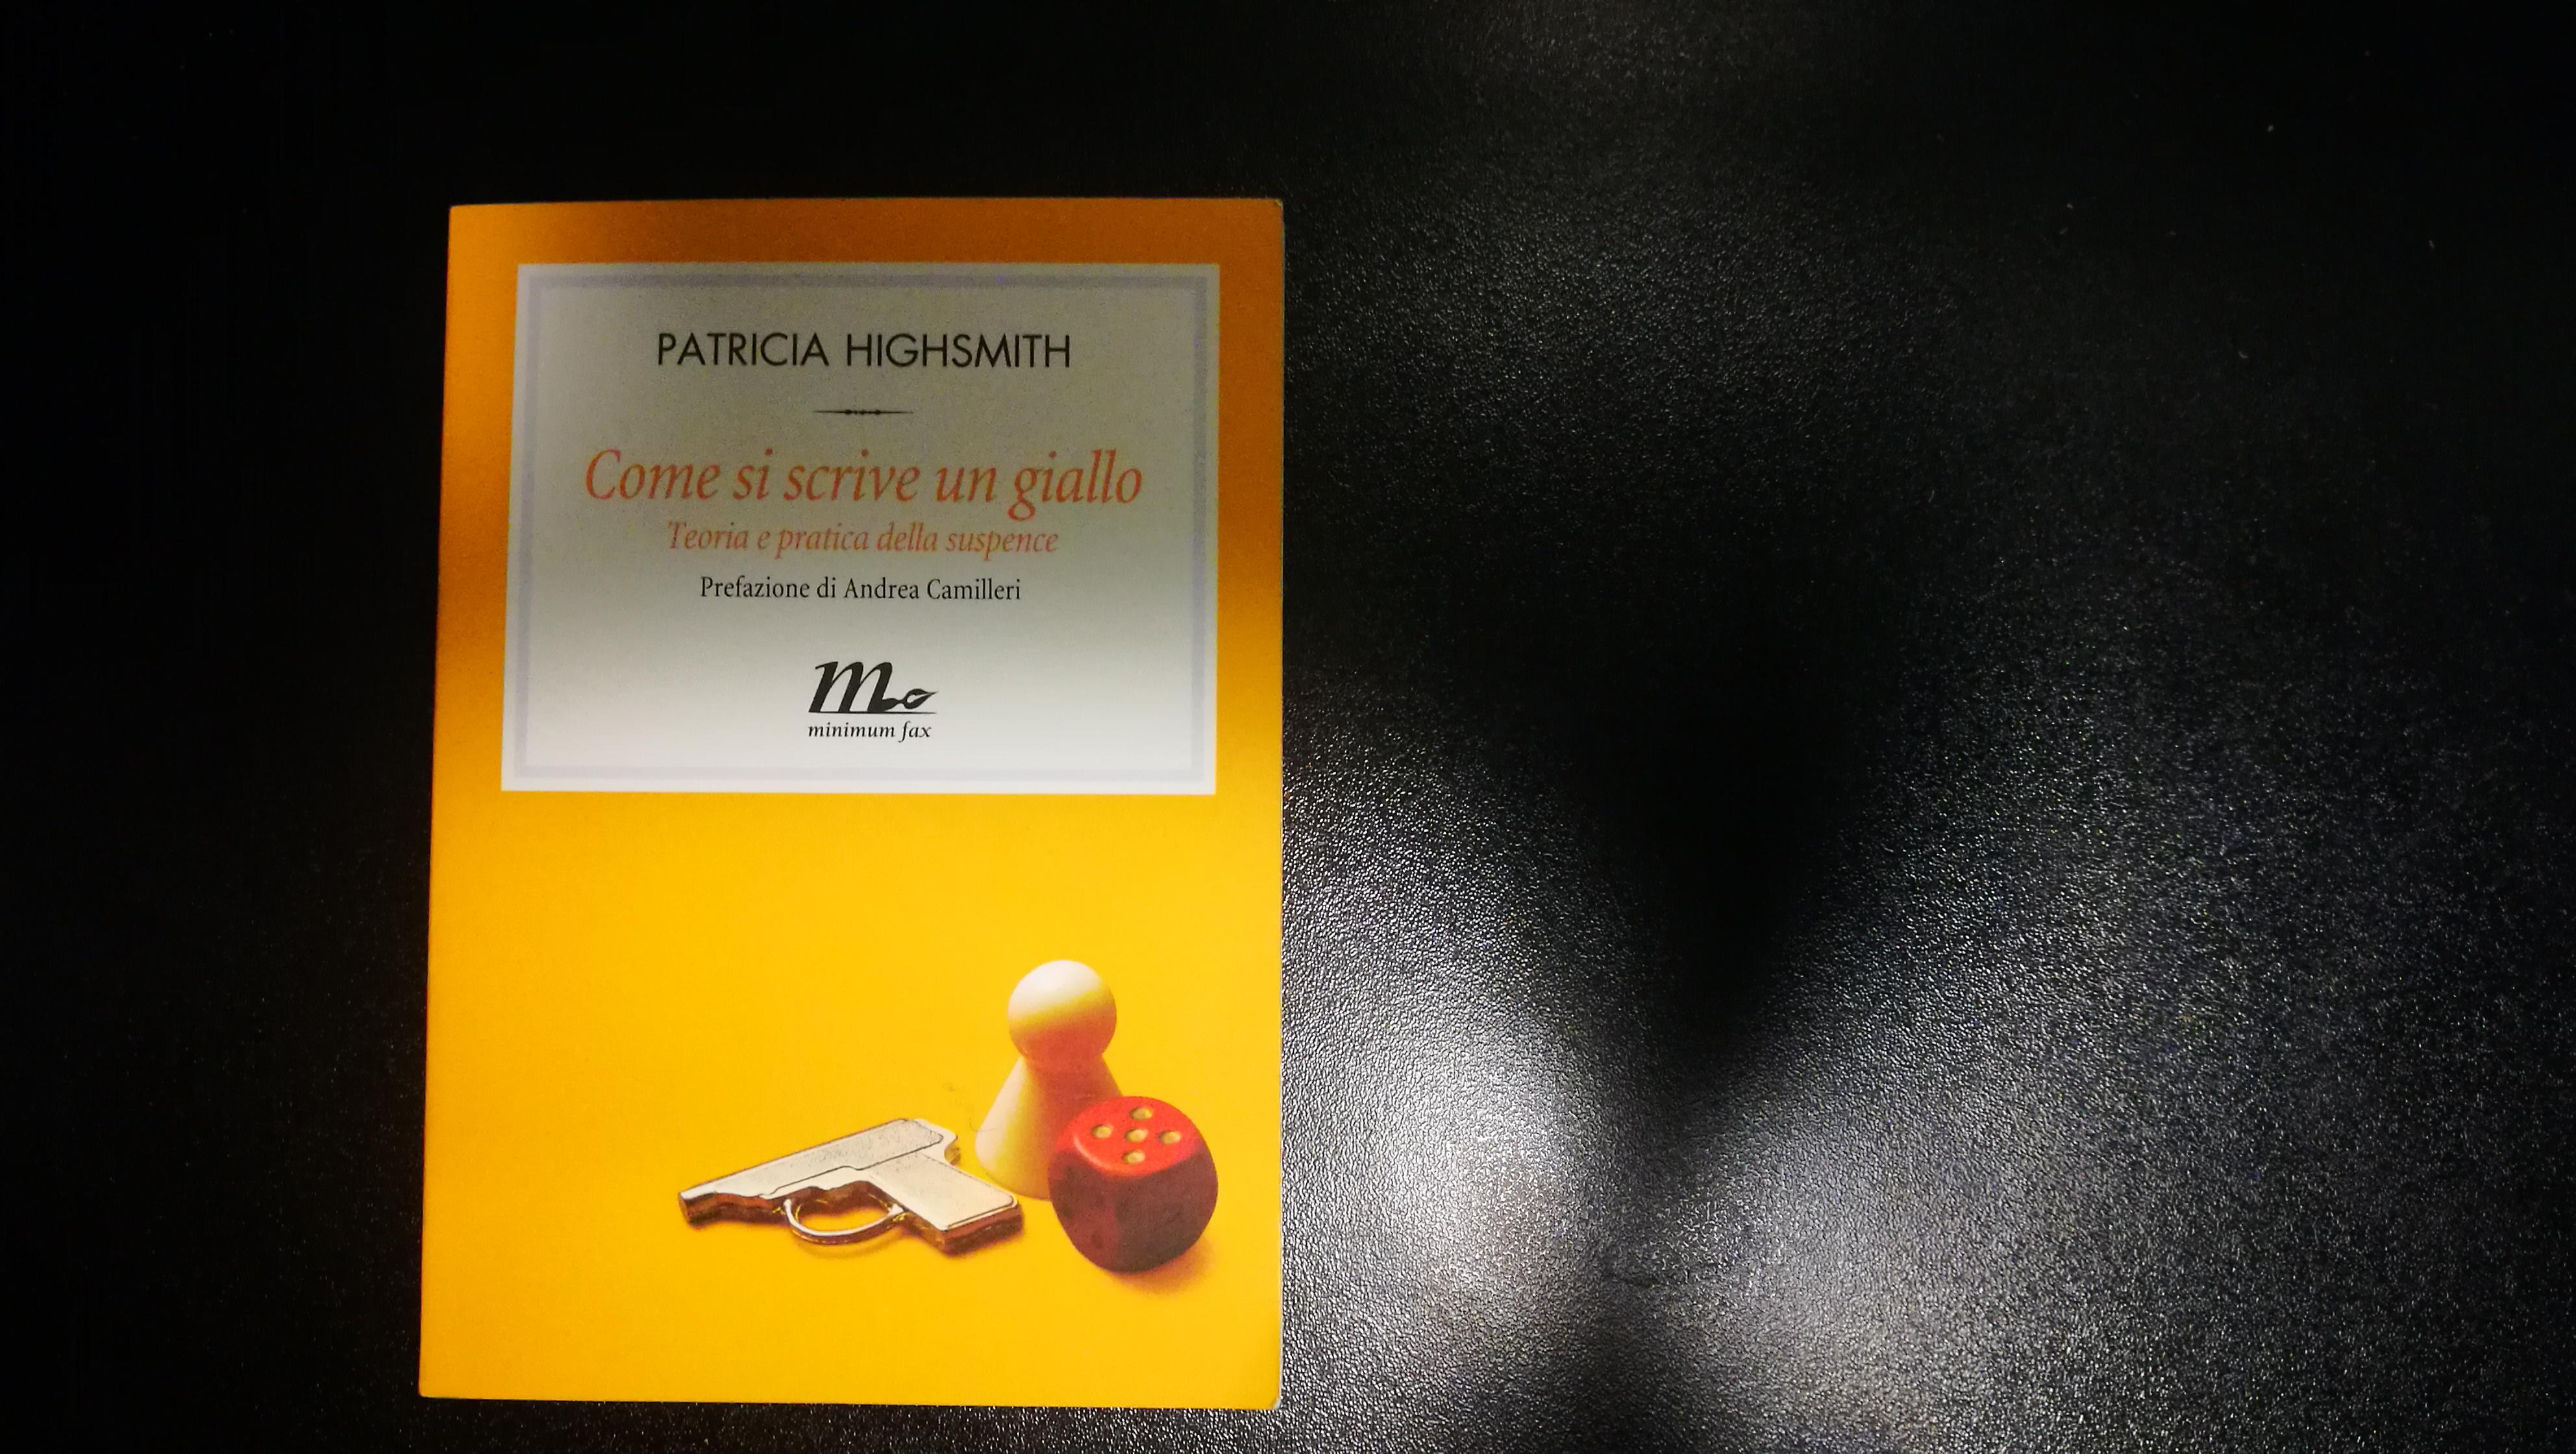 Patricia Highsmith - Come si scrive un giallo, edito da Minimum Fax